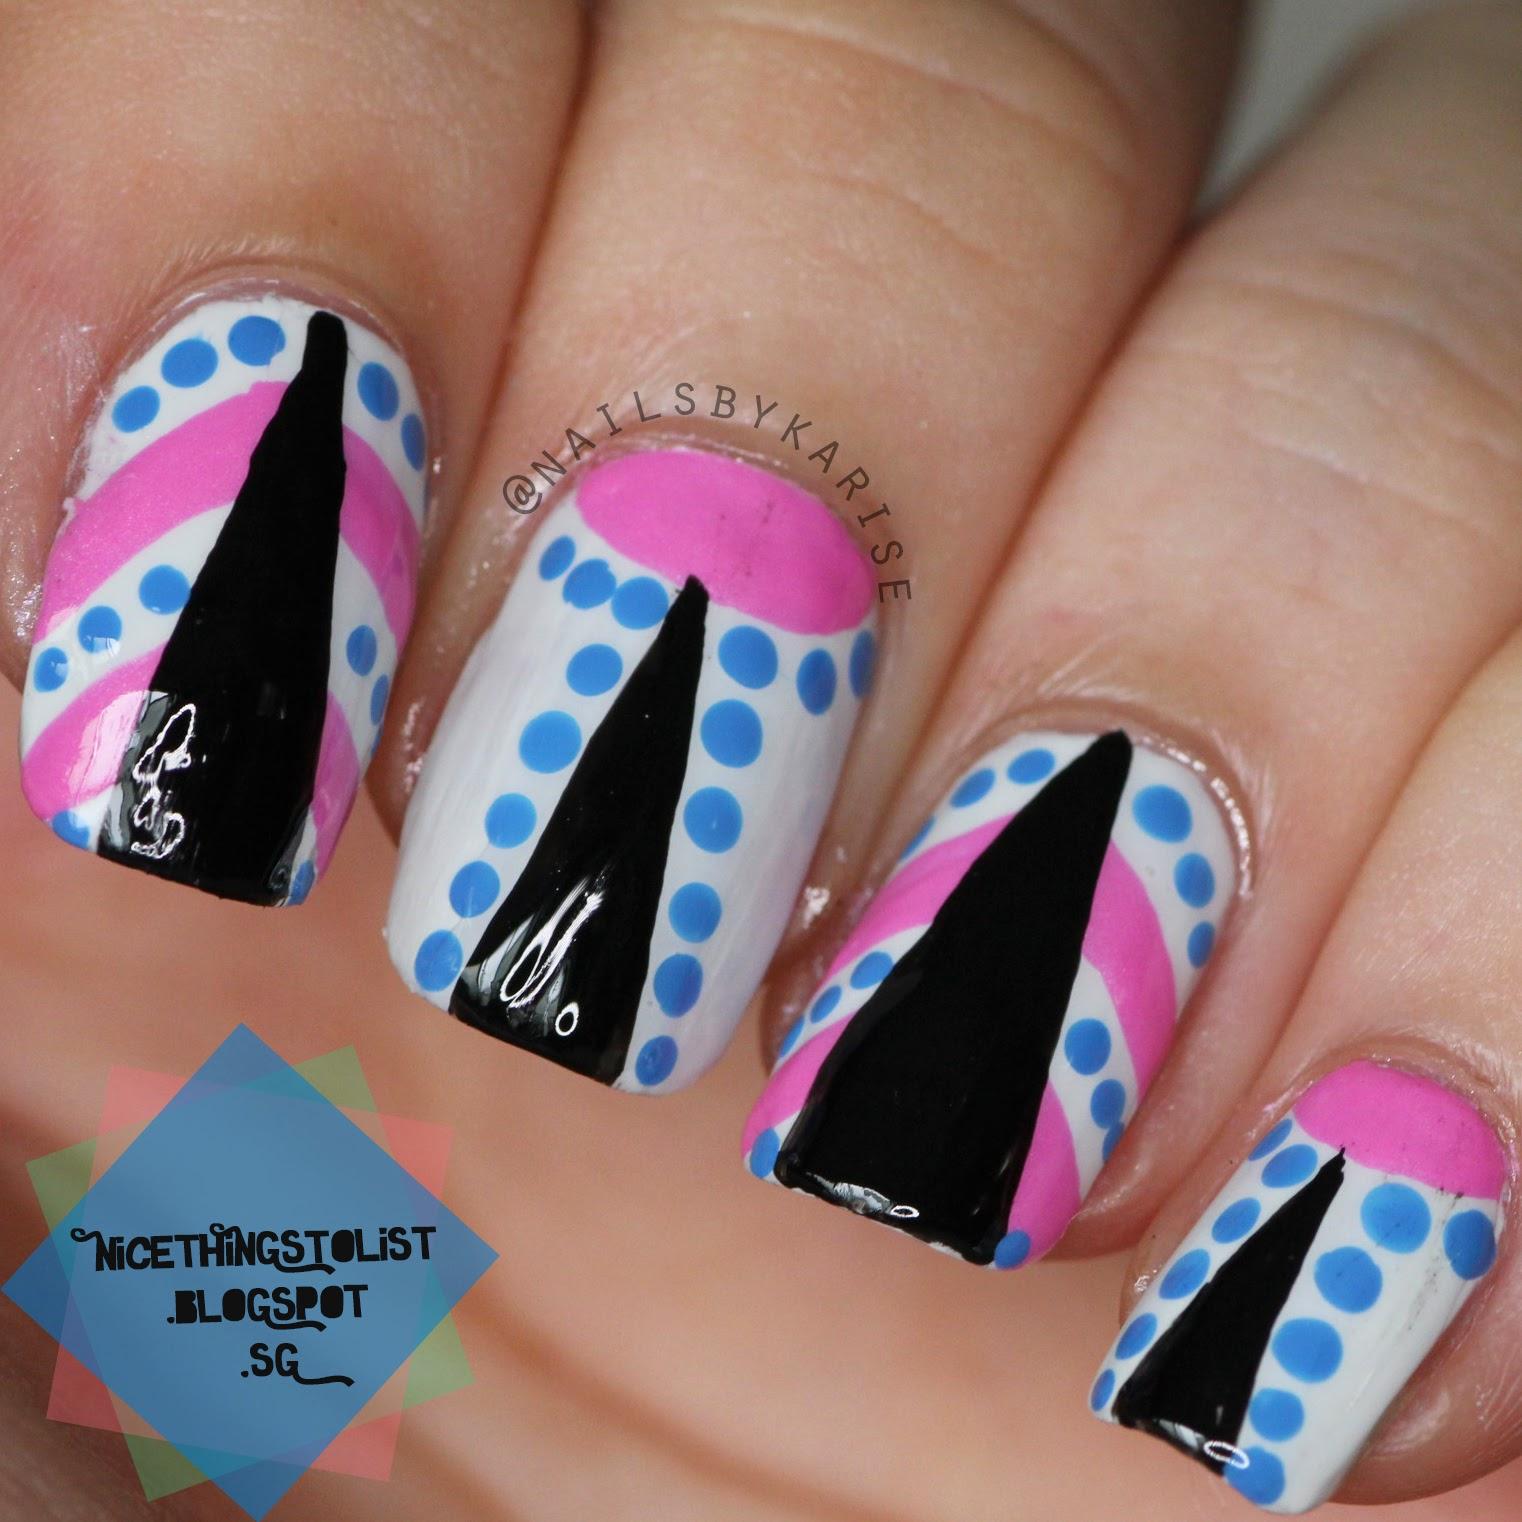 sonailicious-inspired-nail-art